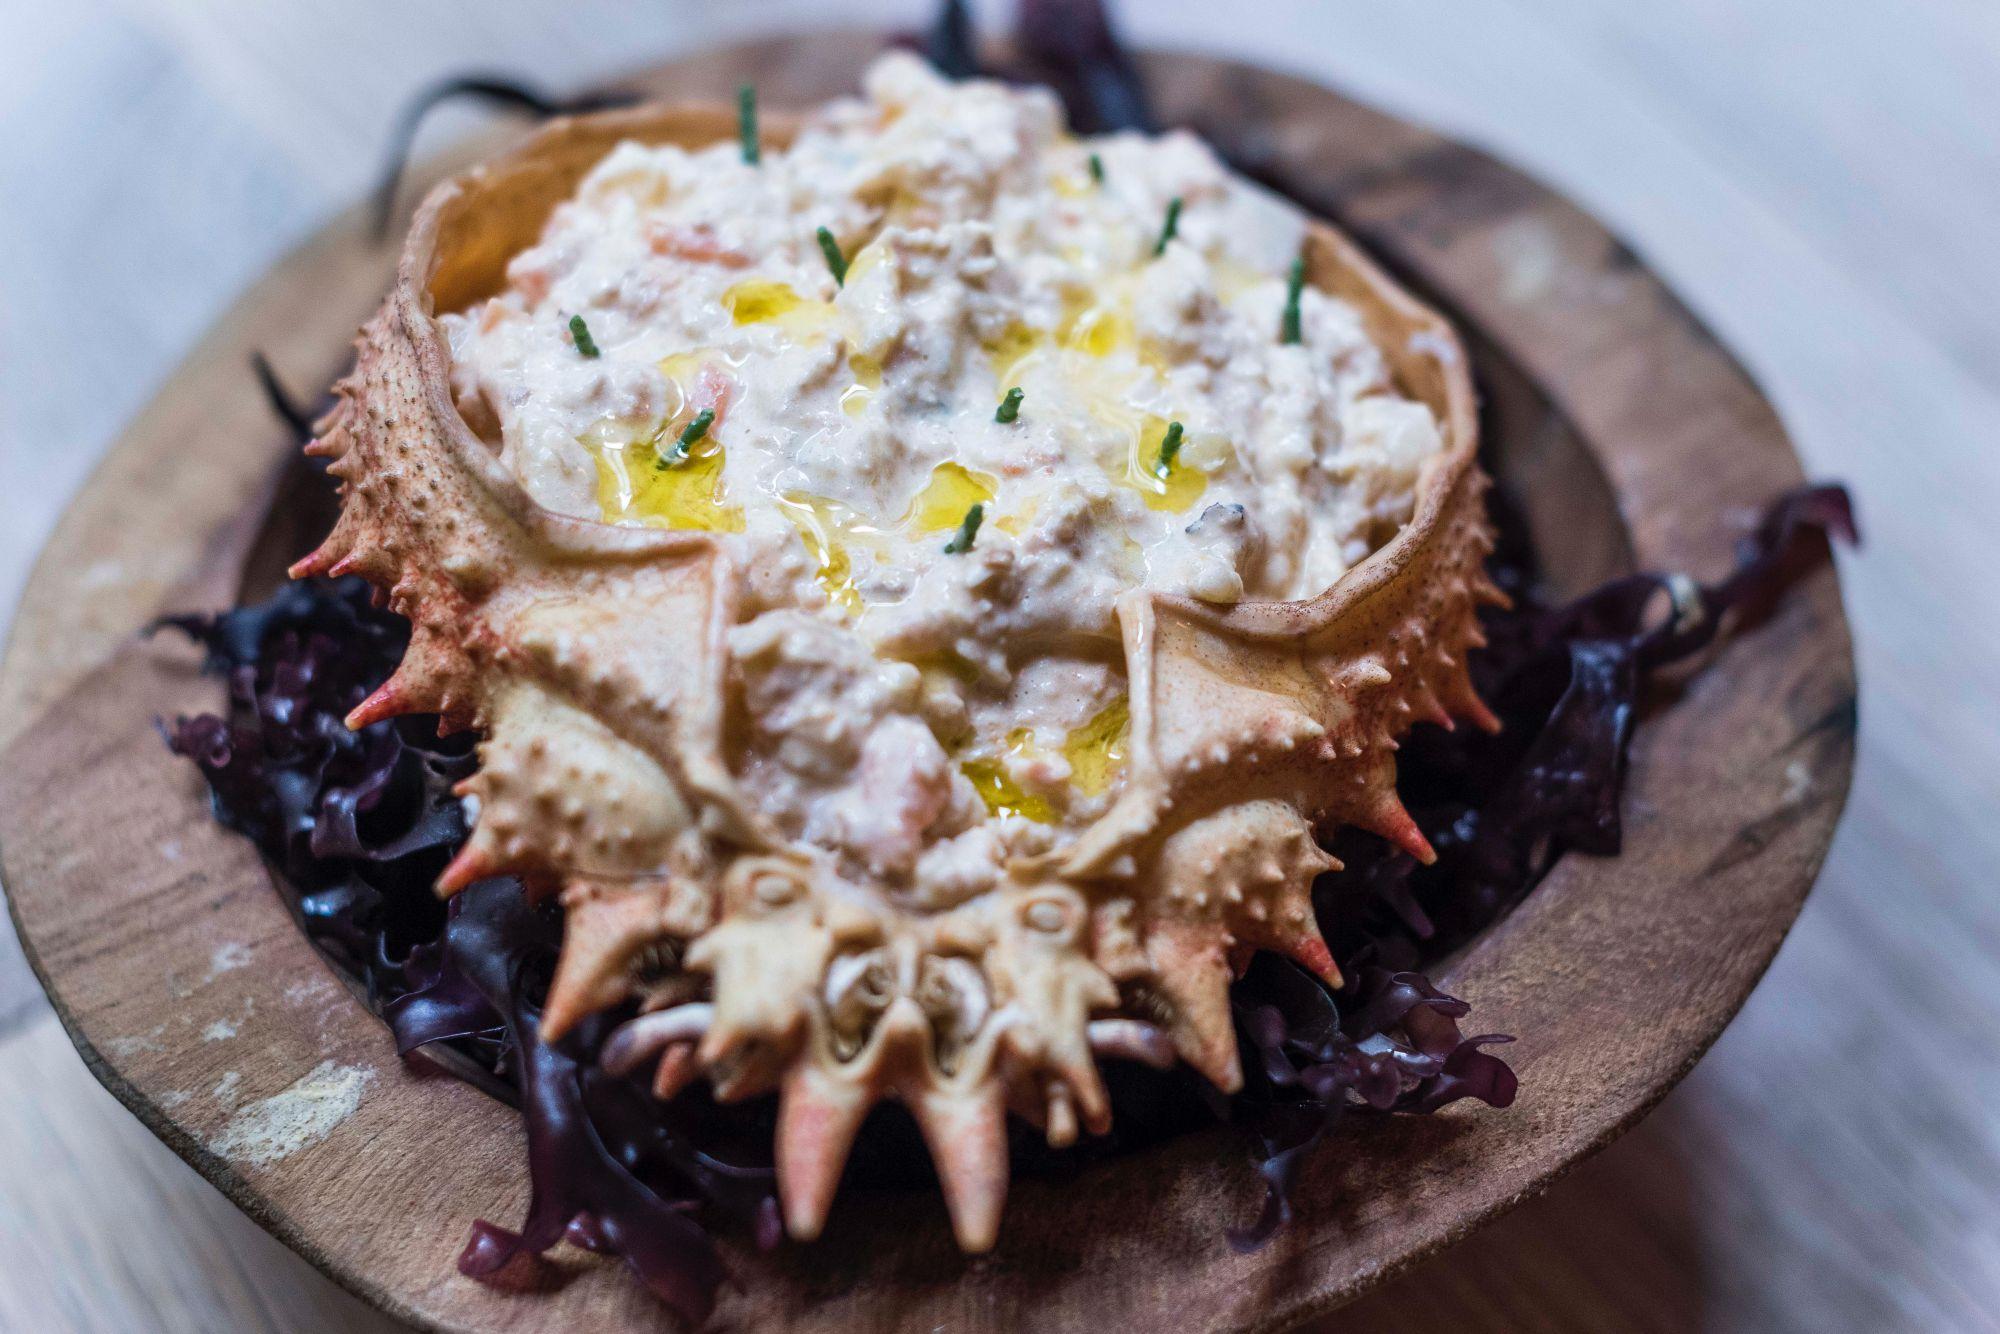 Ensaladilla rusa con carne y coral de centollo.